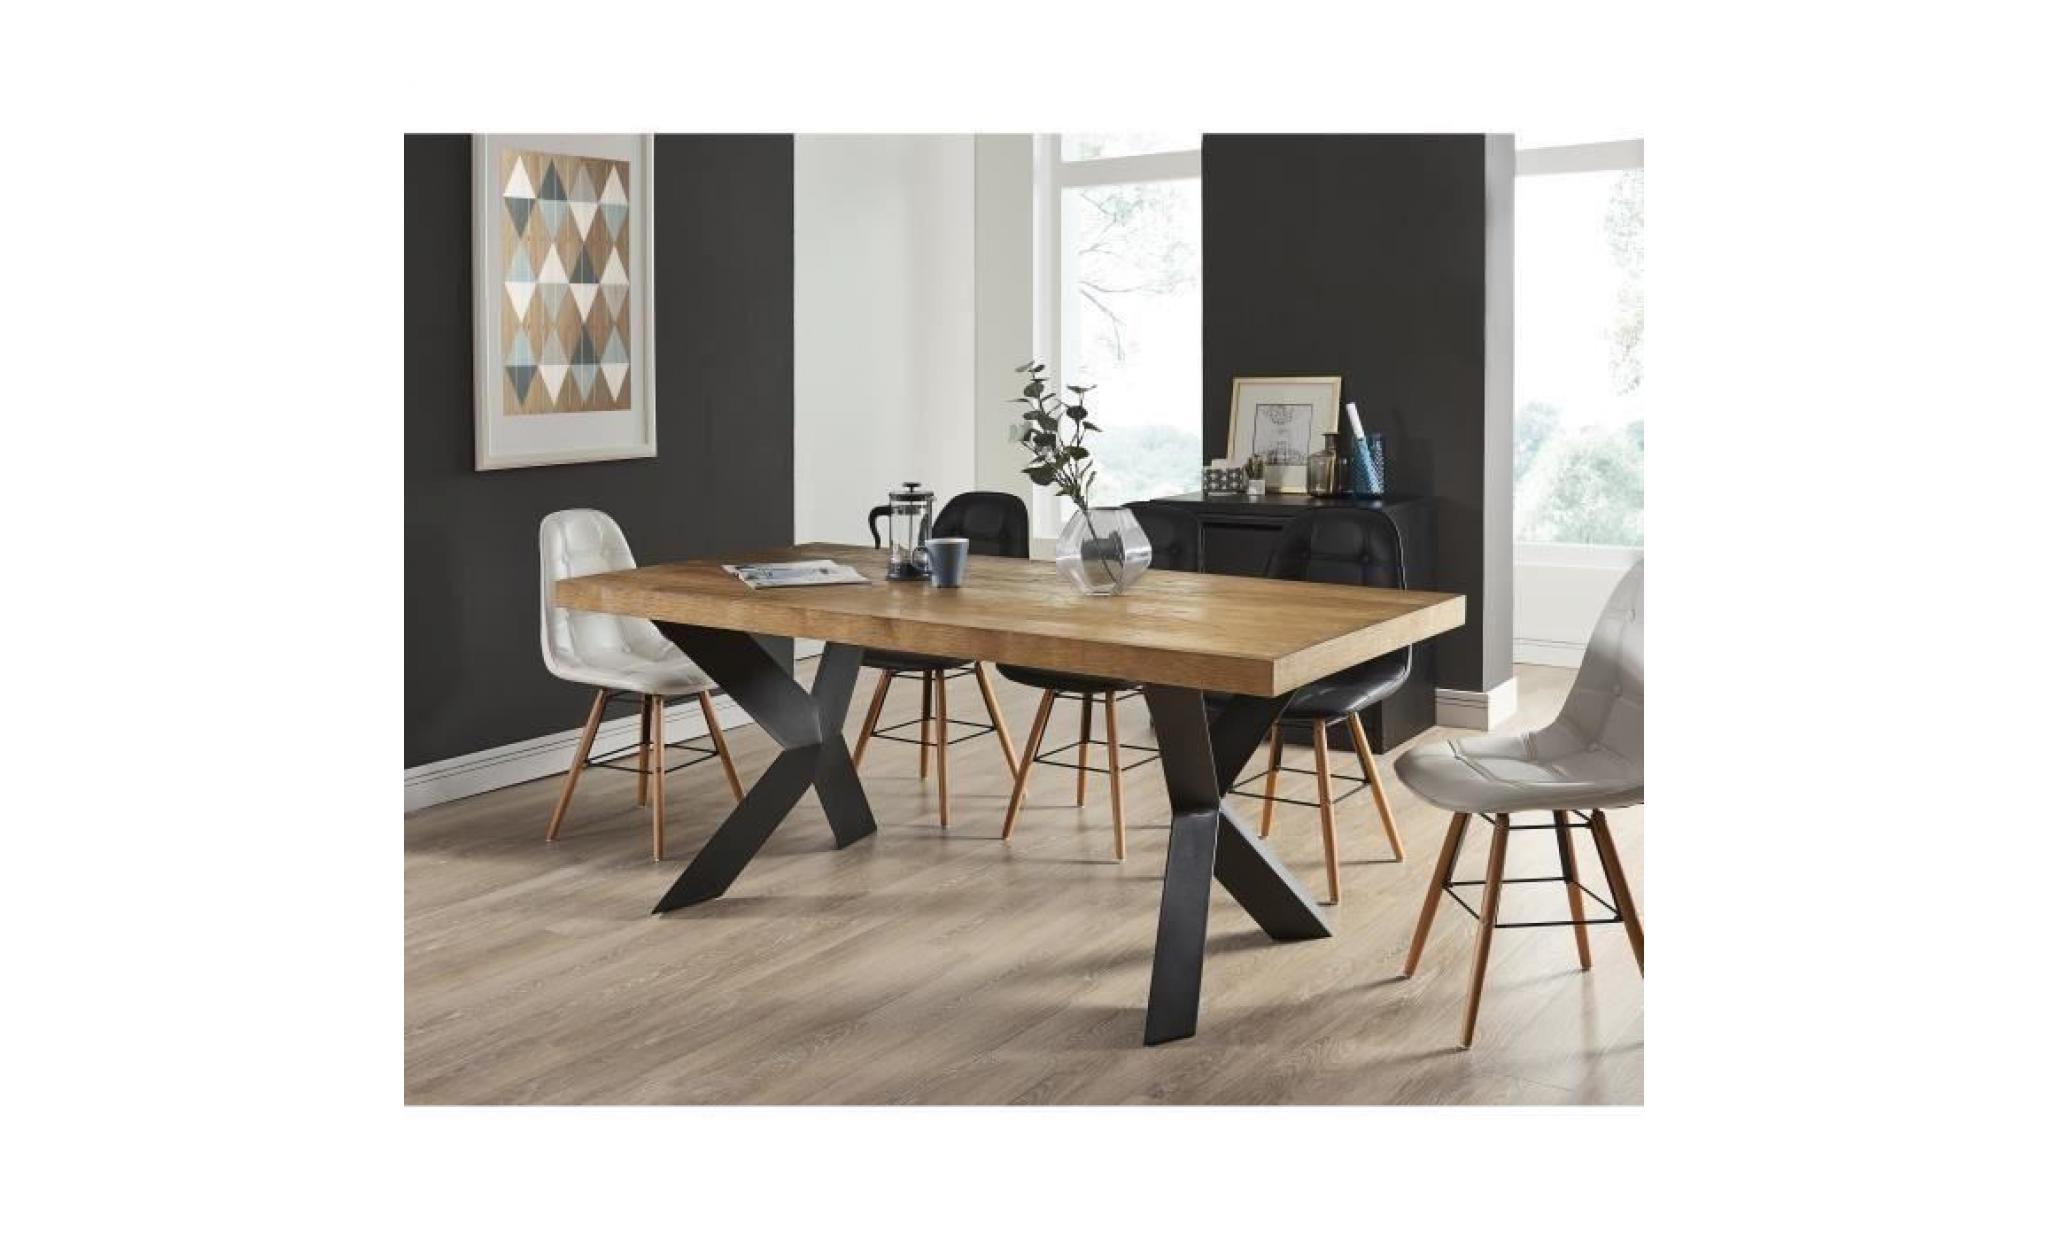 Table Salle A Manger Style Industriel.Platon Table A Manger De 6 A 8 Personnes Style Industriel Placage Bois Chene Pieds Metal Laque Noir L 180 X L 90 Cm